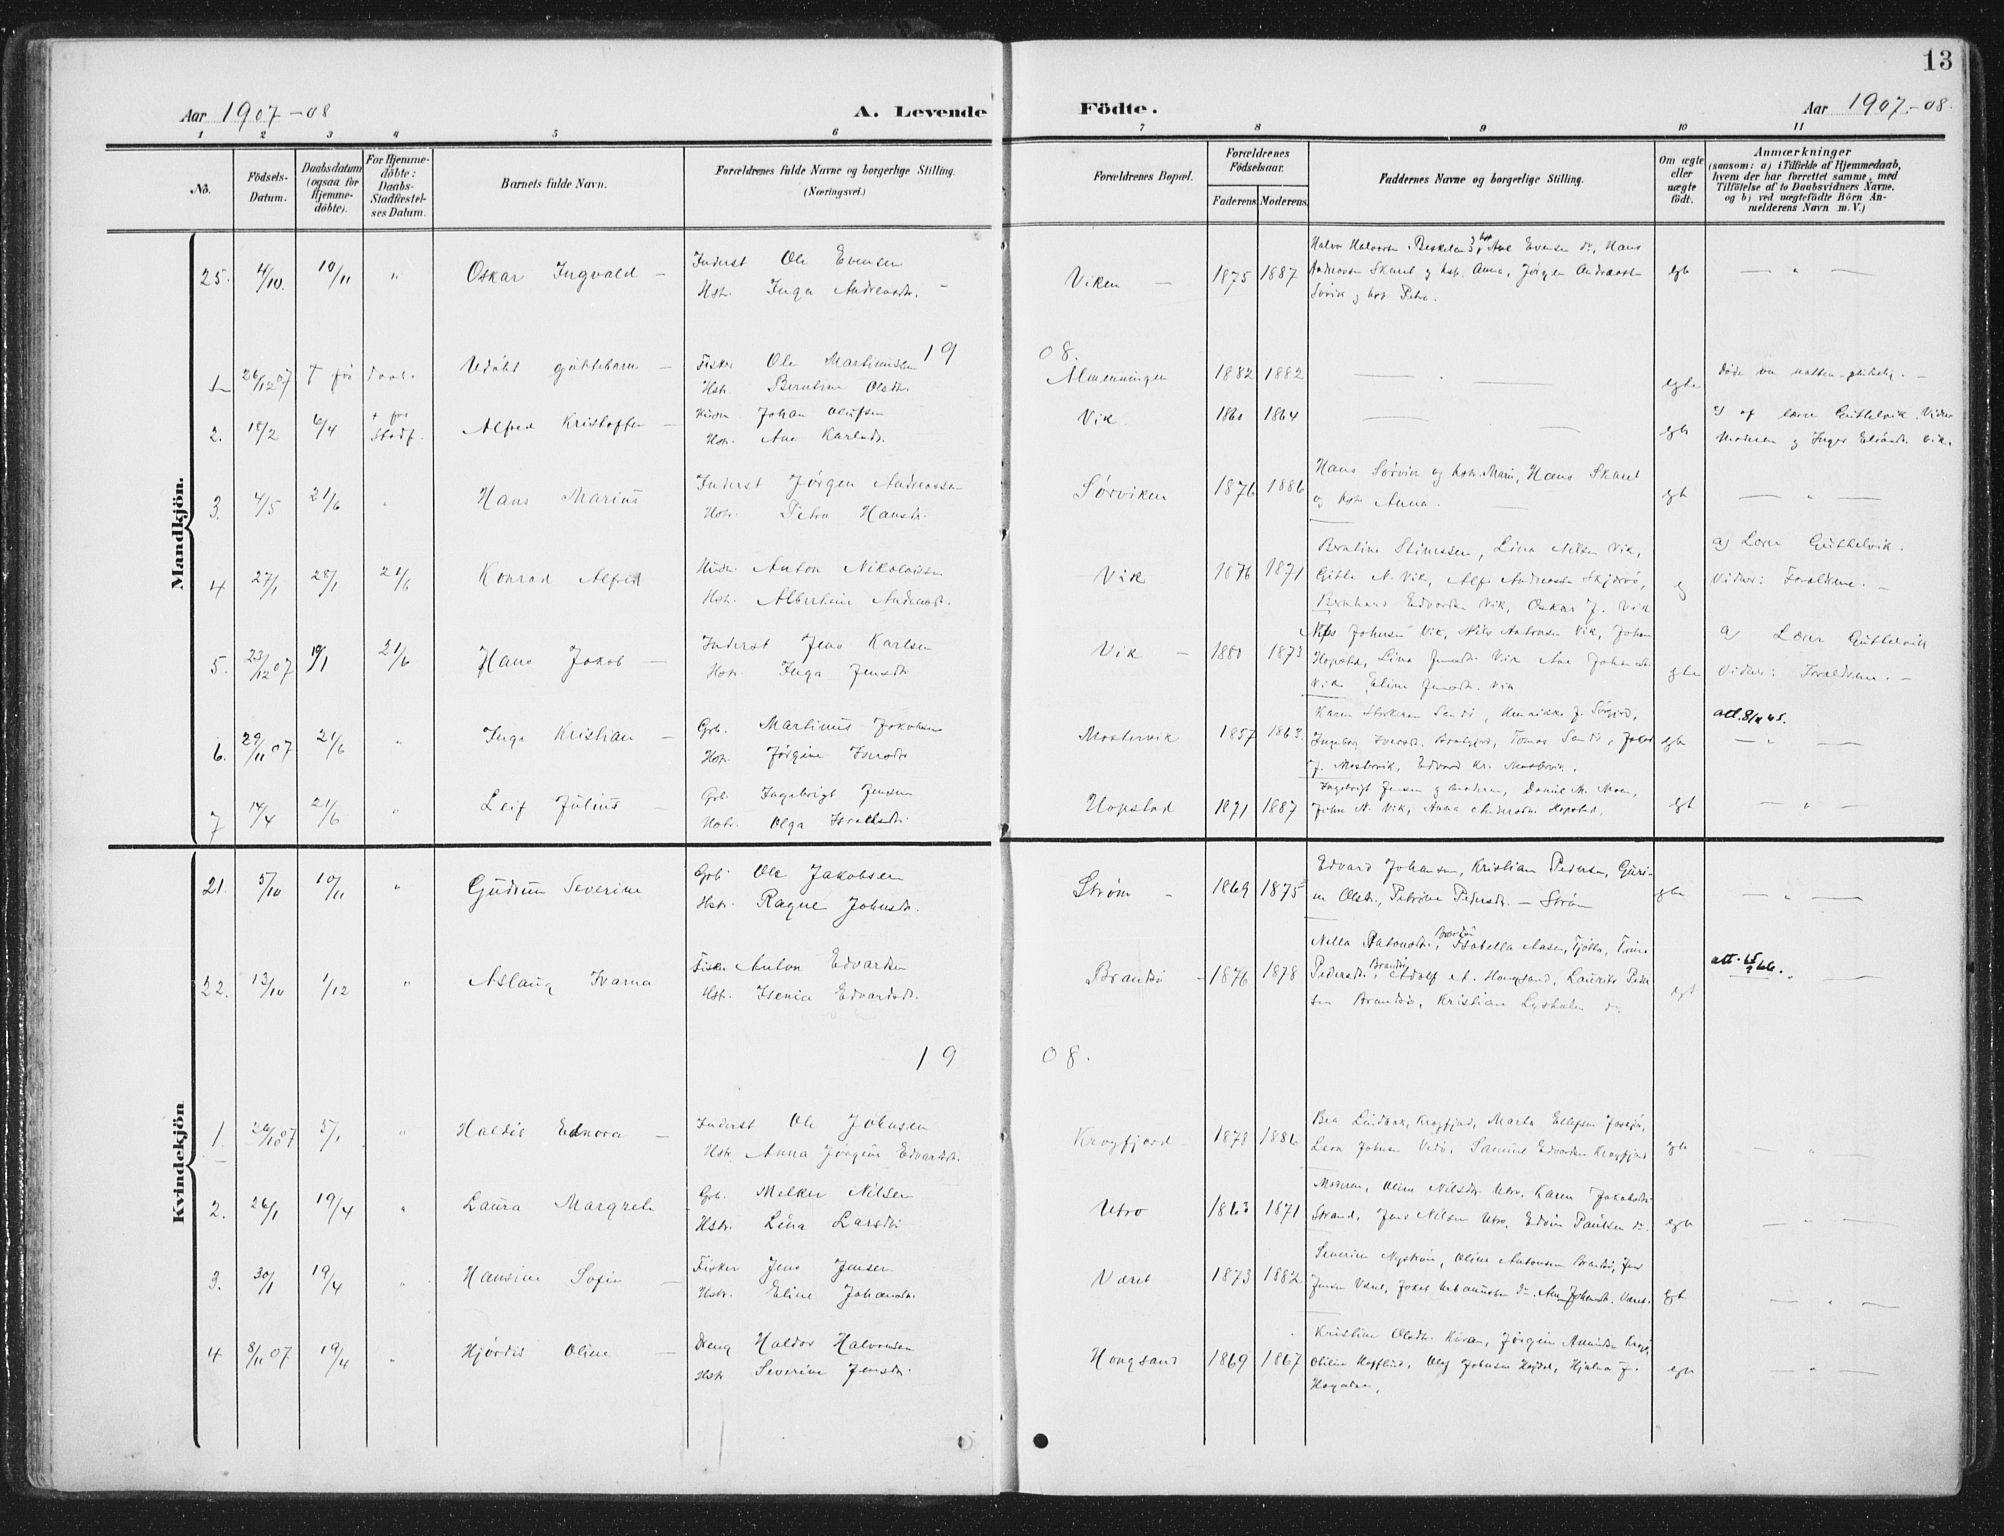 SAT, Ministerialprotokoller, klokkerbøker og fødselsregistre - Sør-Trøndelag, 657/L0709: Ministerialbok nr. 657A10, 1905-1919, s. 13